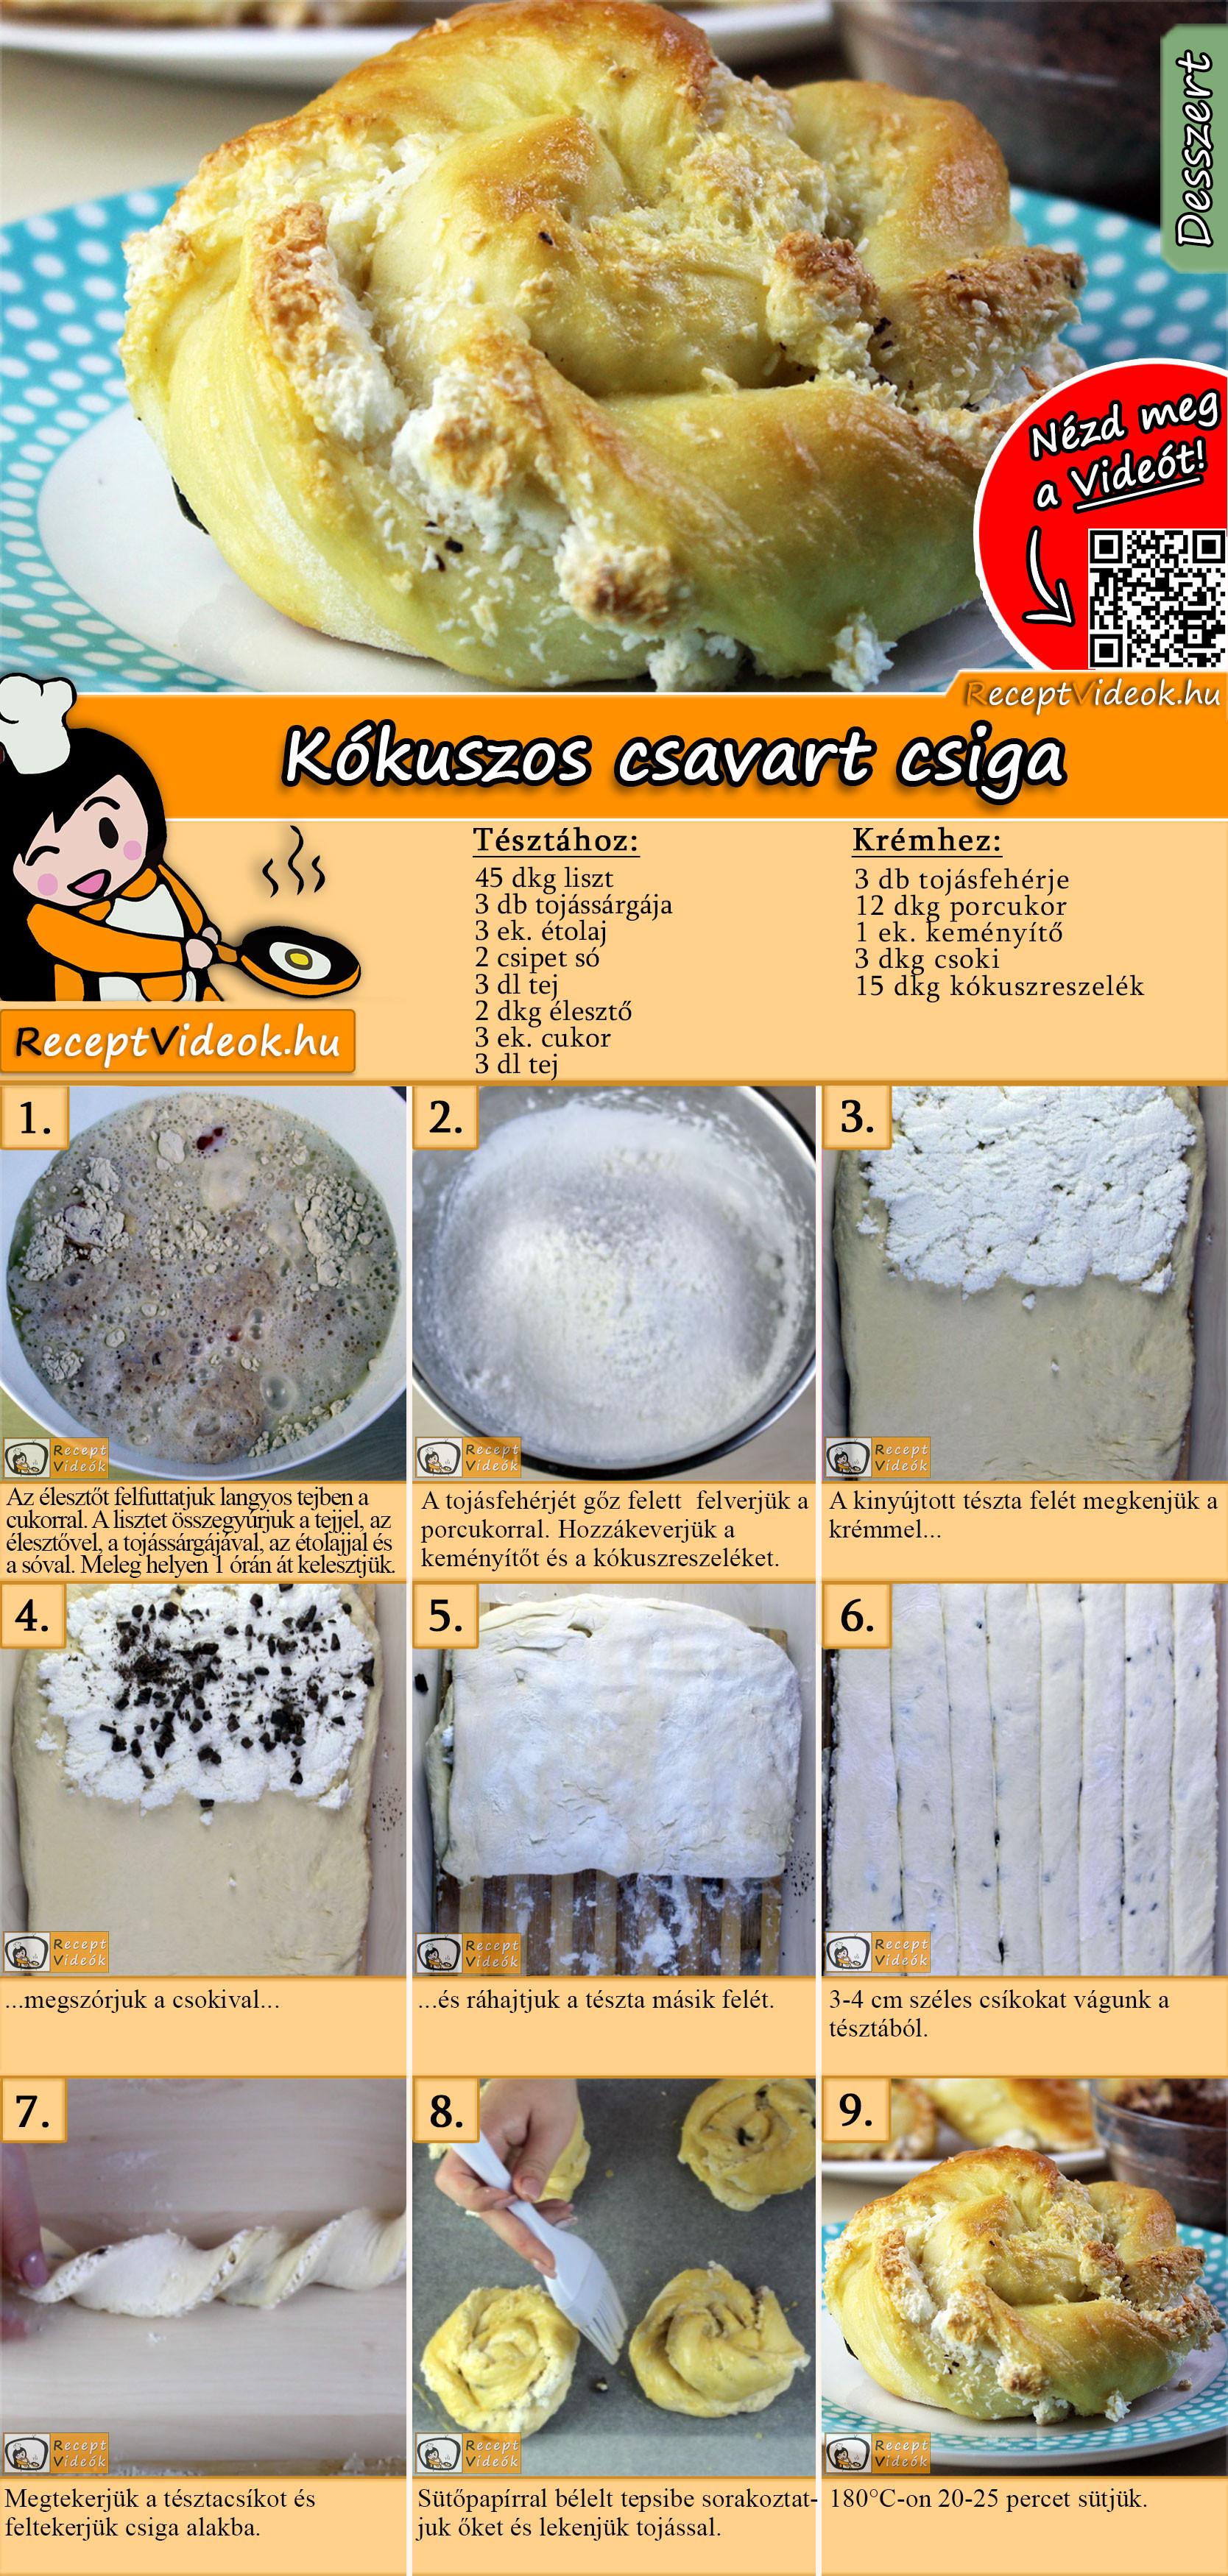 Kókuszos csavart csiga recept elkészítése videóval